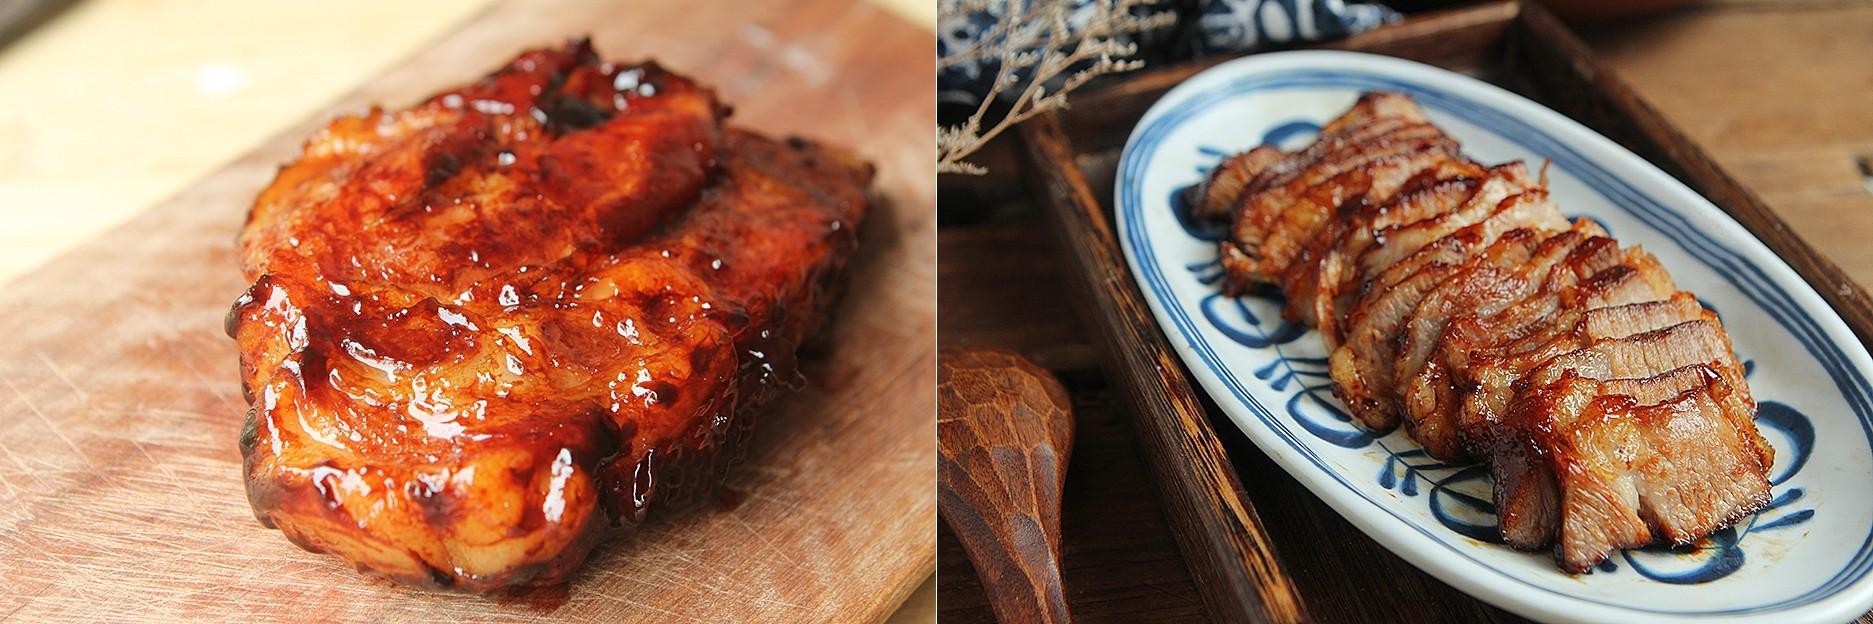 Tưởng không dễ mà dễ không tưởng: nướng thịt bằng nồi cơm điện ăn siêu ngon! - Ảnh 4